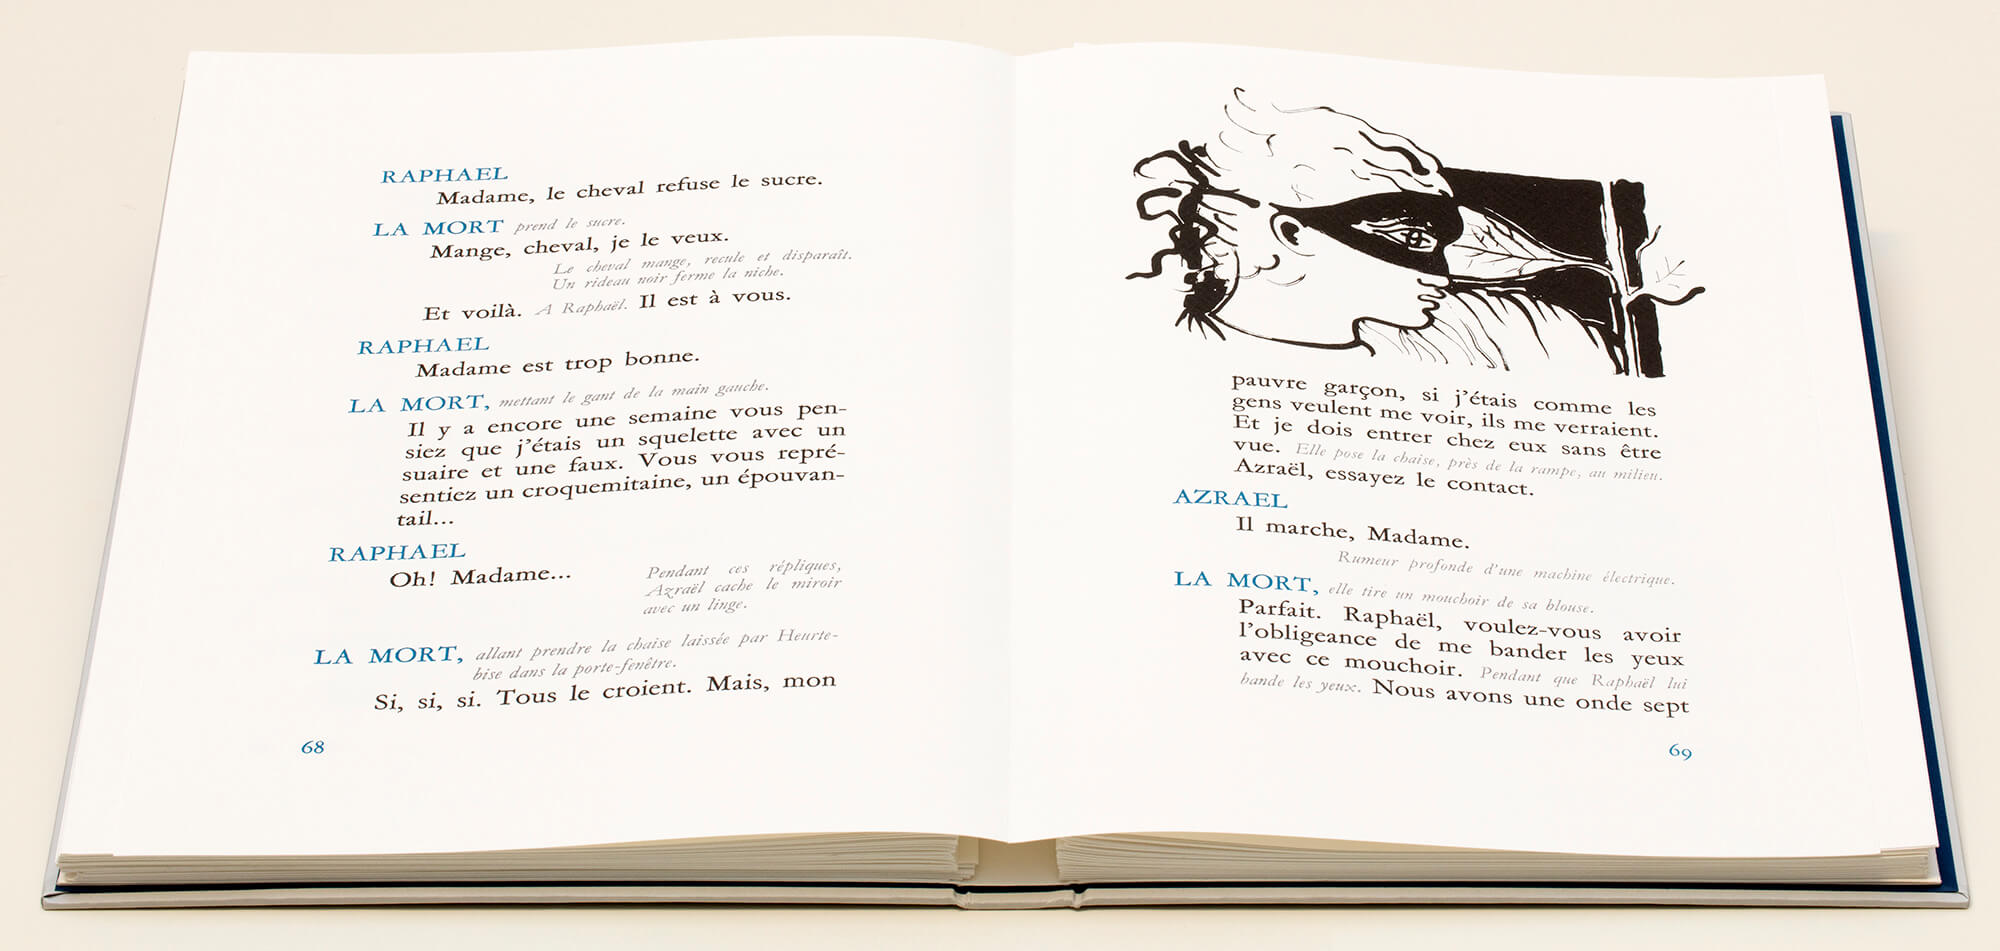 Orphée page 68